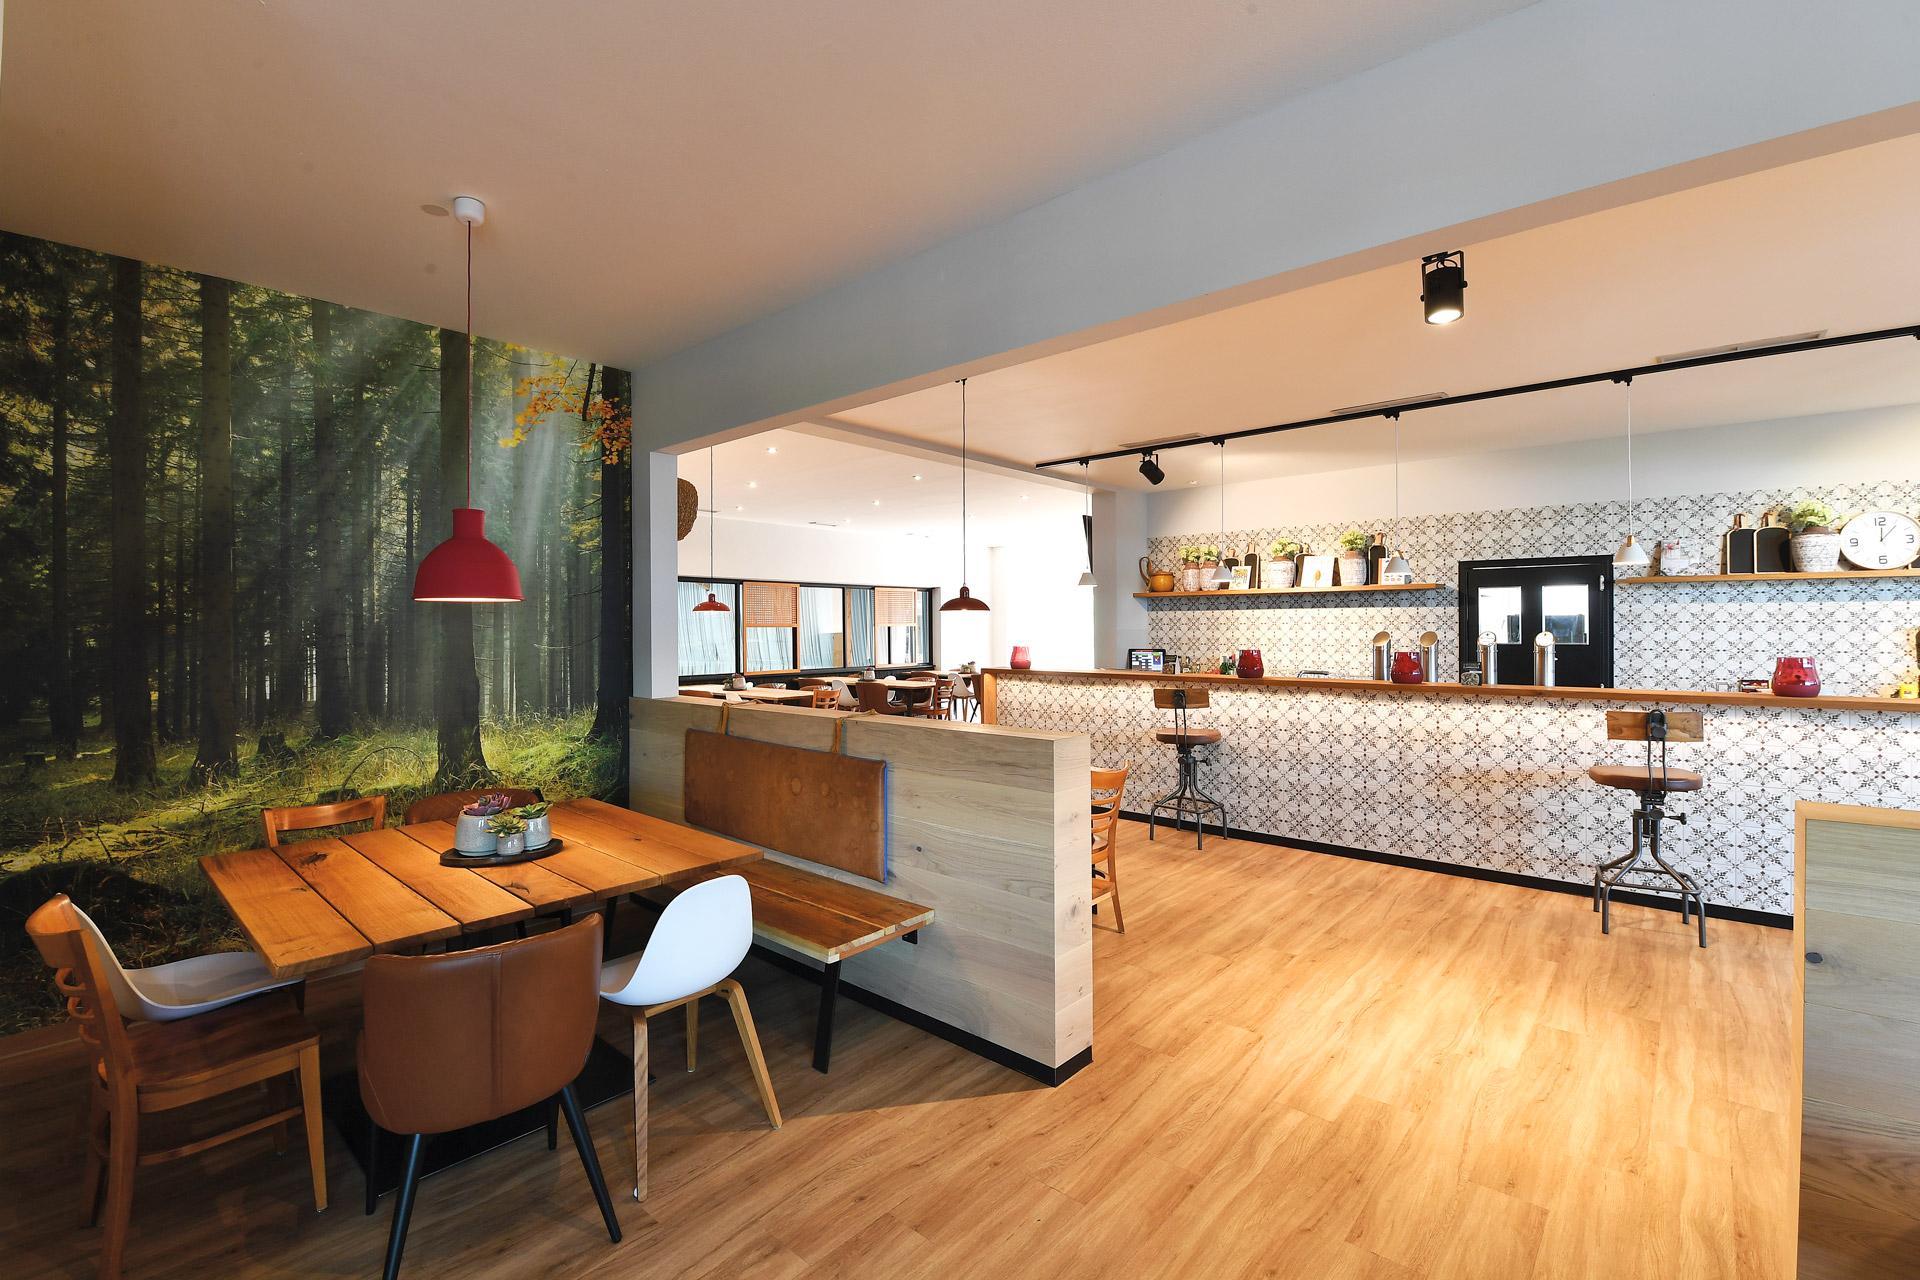 restaurant-sportpark-hugstetten-1920x1280px